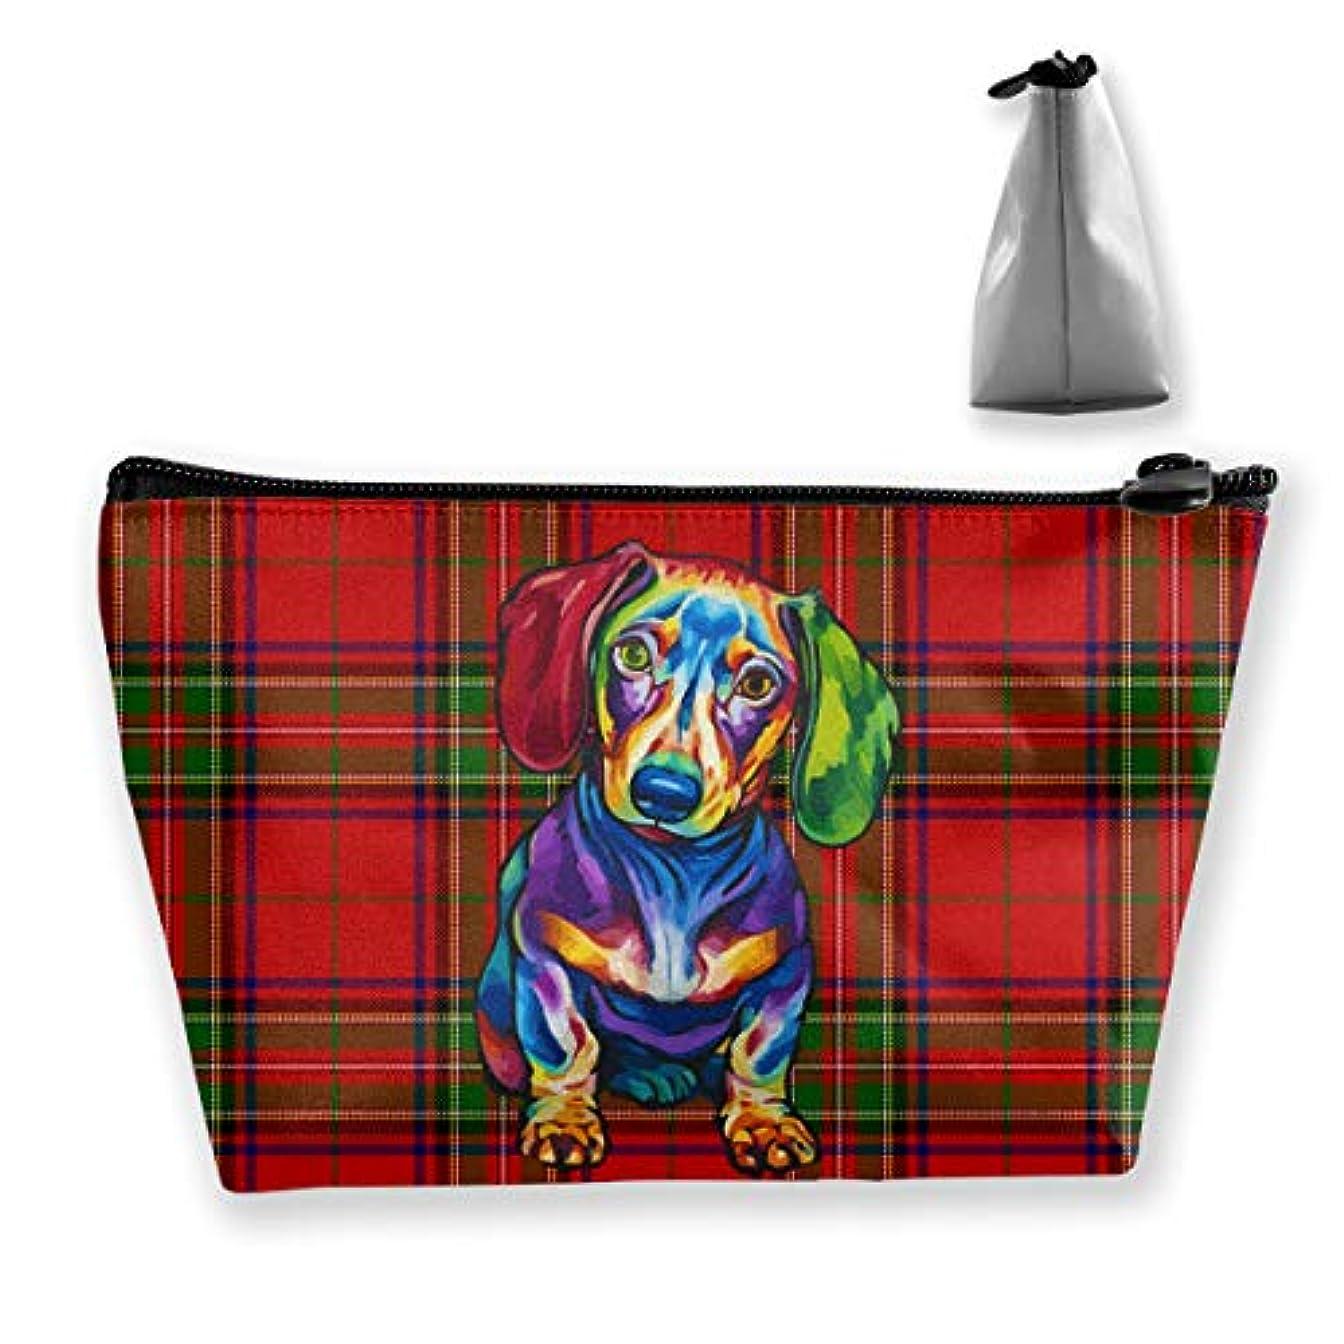 長老ほかに治安判事Szsgqkj 赤いスコットランドの柄 猟腸犬 化粧品袋の携帯用旅行構造の袋の洗面用品の主催者